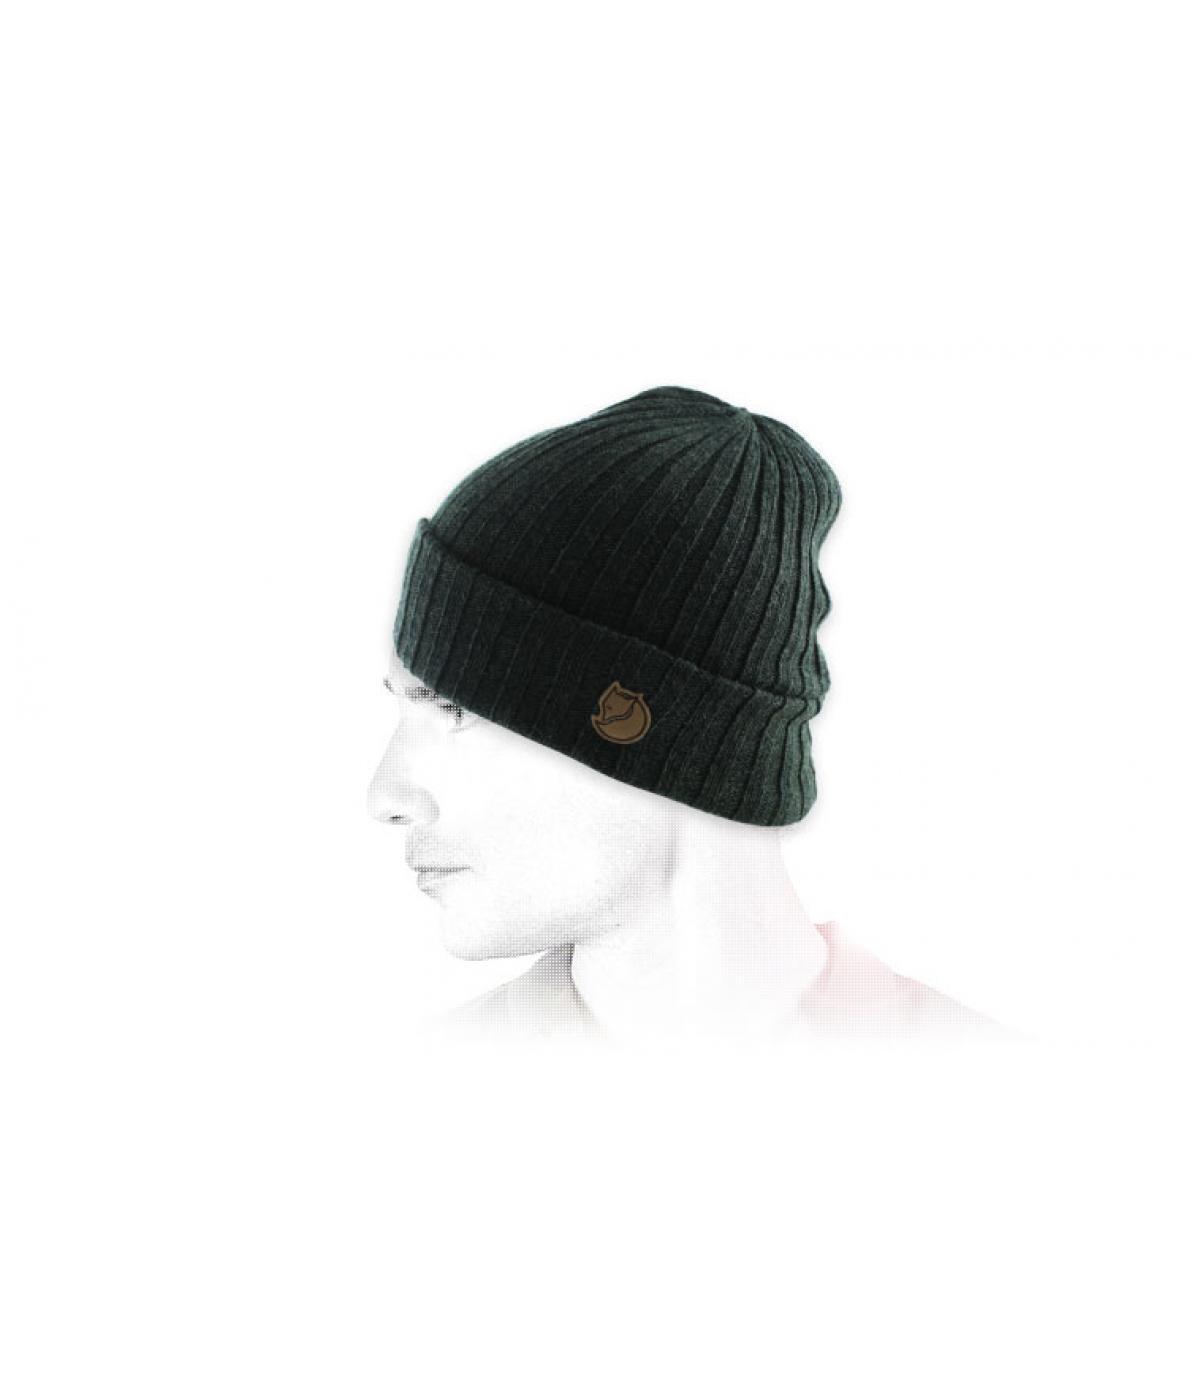 Grüne Mütze Revers Fjällräven